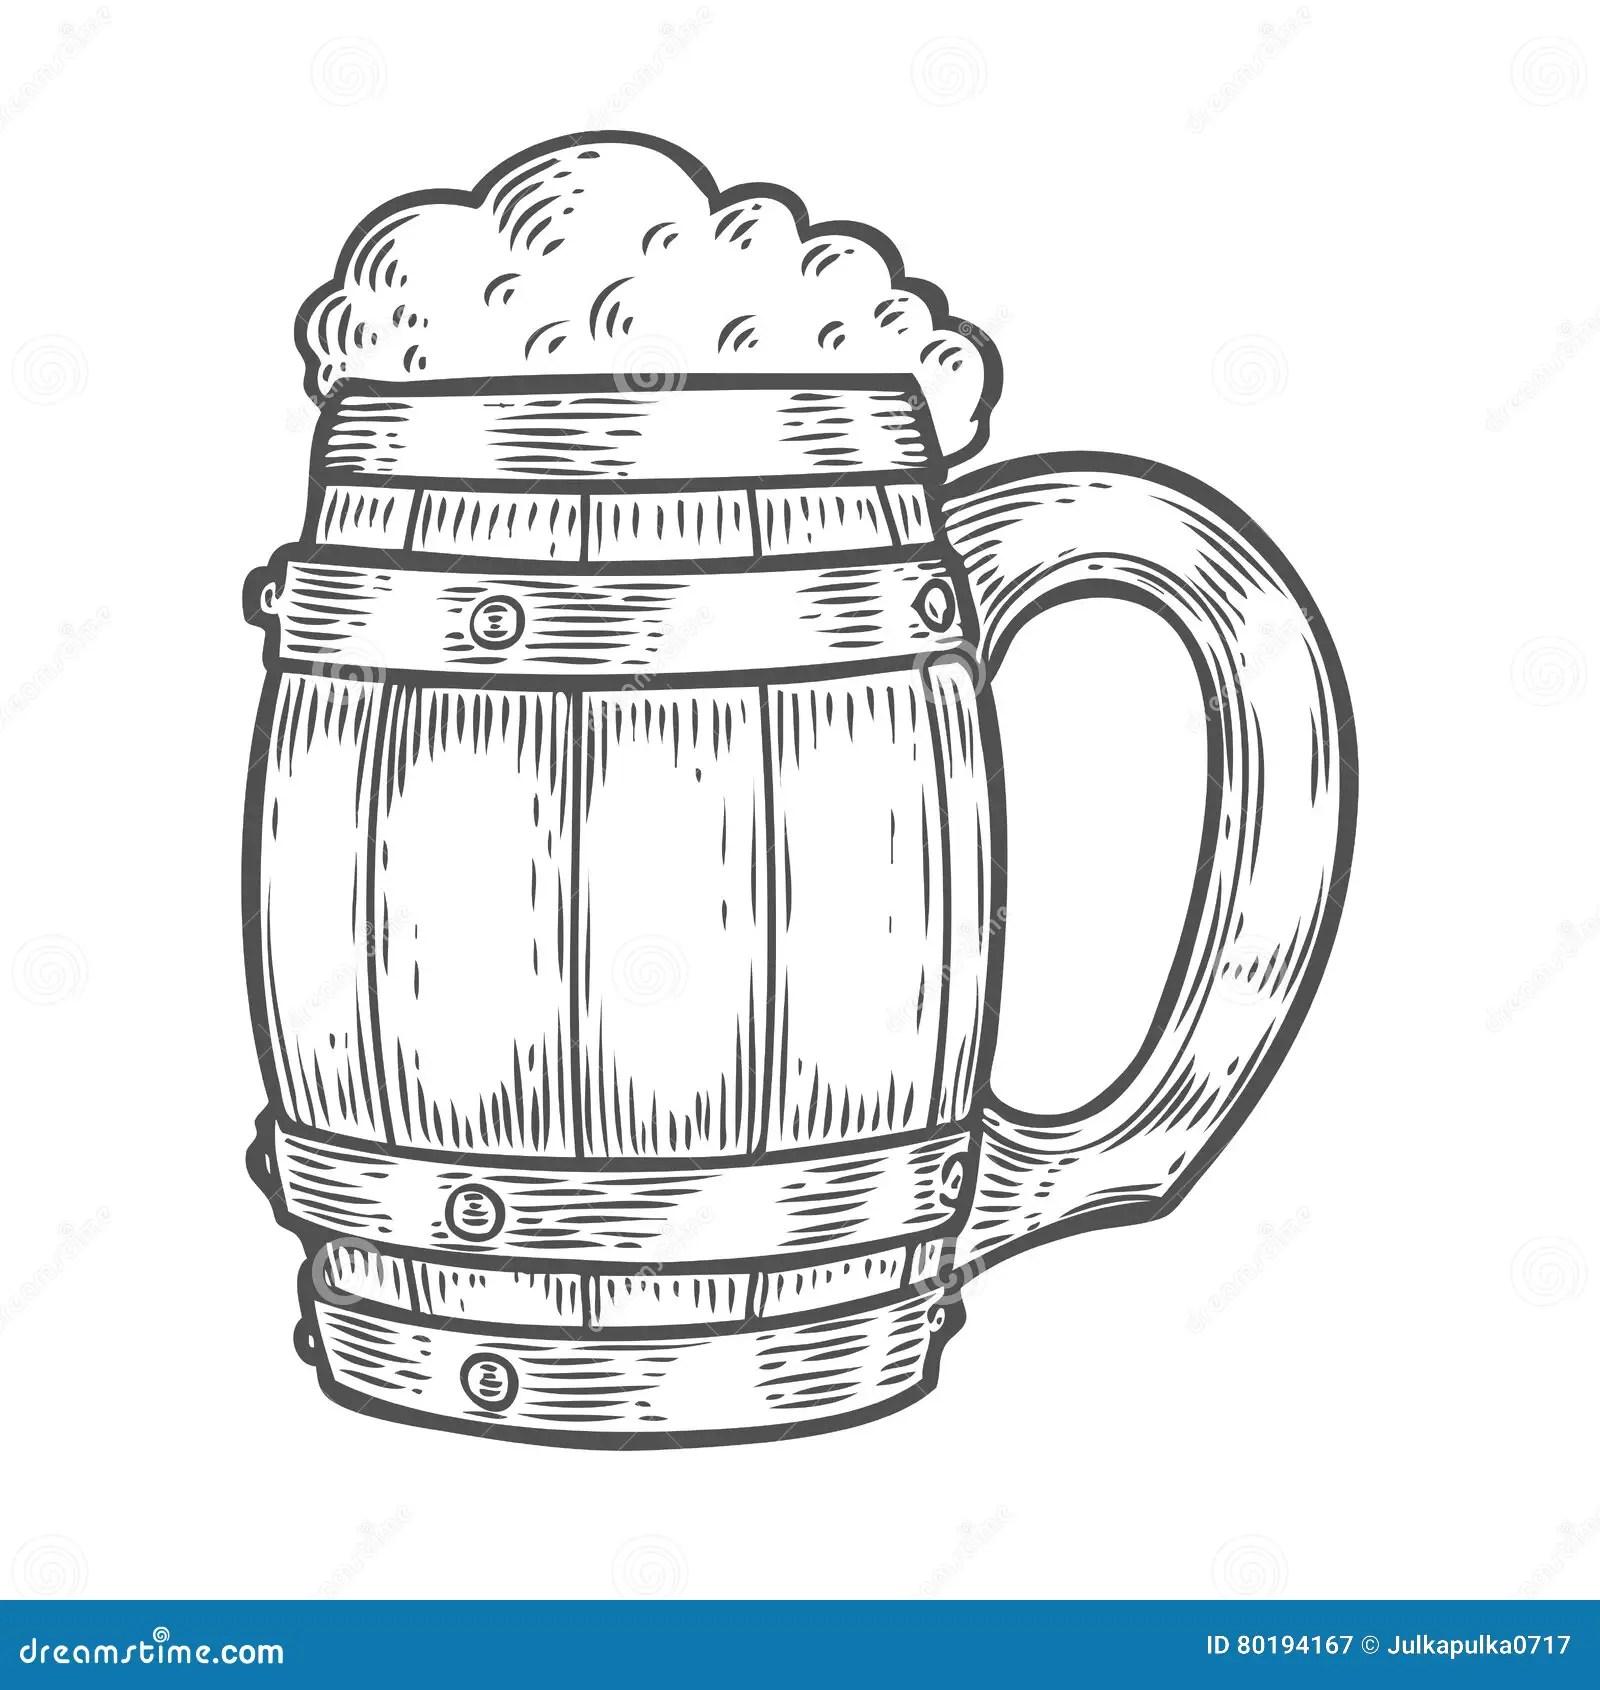 Wooden Craft Beer Oktoberfest Mug Black Vintage Engraved